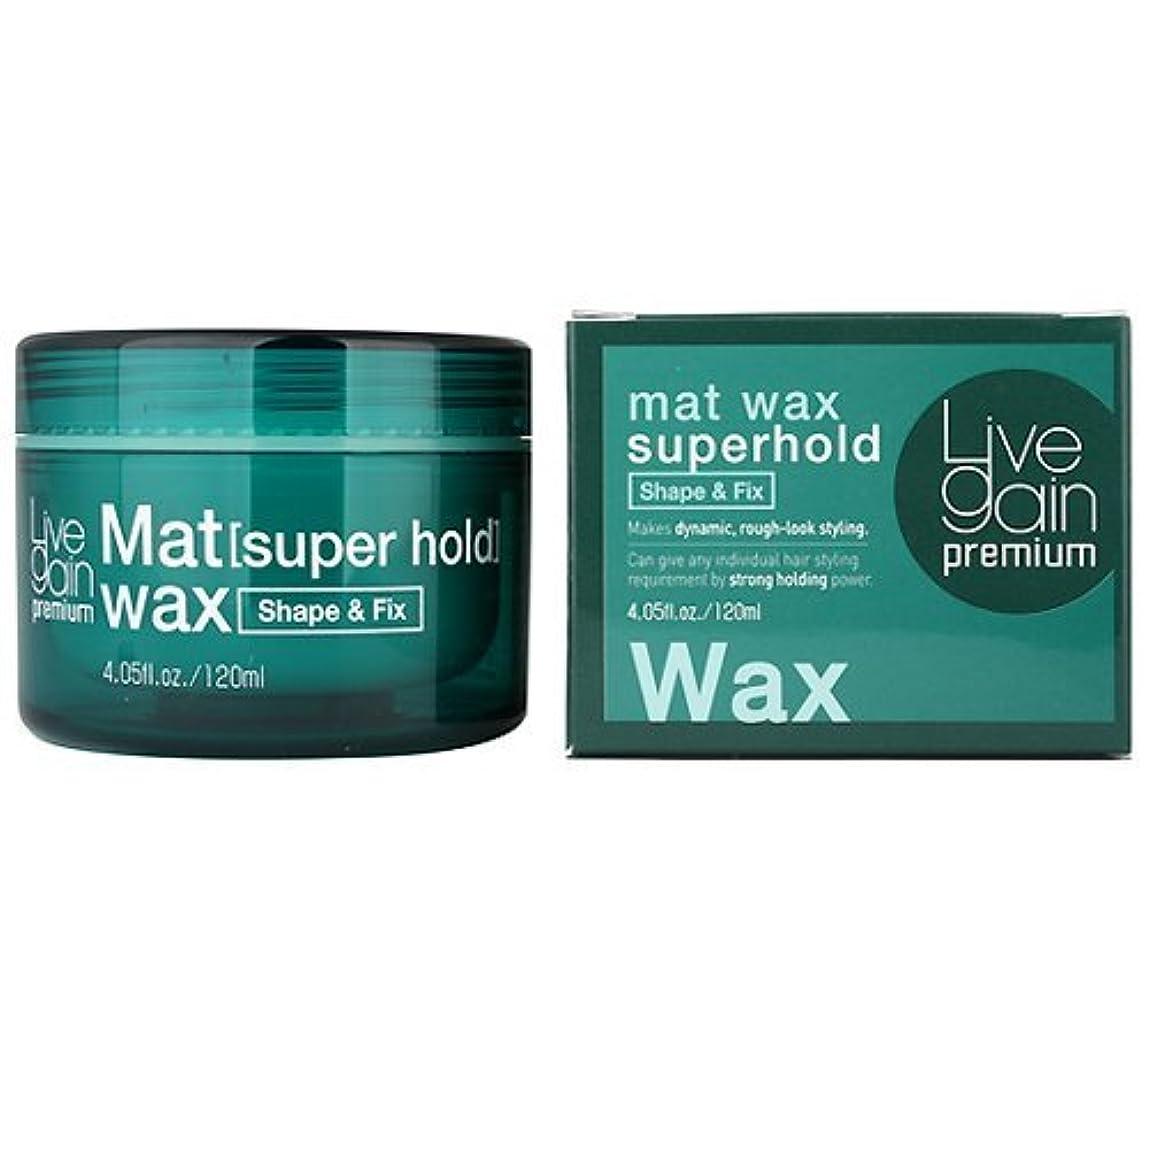 資本文房具音声Livegain プレミアム マット ワックス スーパーホールド 120ml マット ヘア ワックス ストロング ホールド (Premium Mat Wax Superhold 120ml Matte Hair wax Strong Hold ) [並行輸入品]